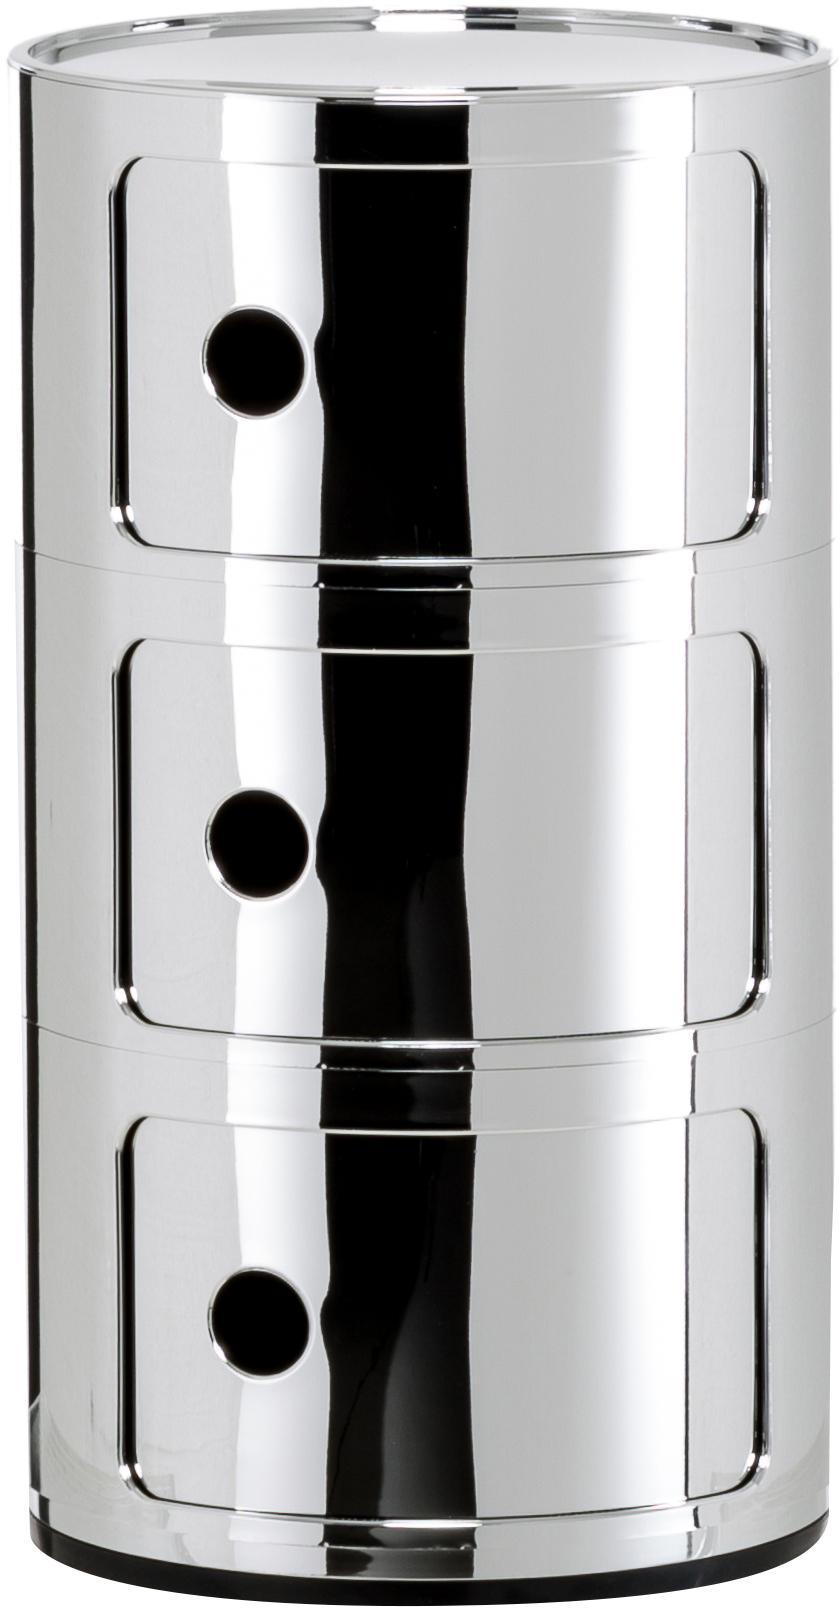 Bijzettafel Componibile, Metallic gecoat kunststof, Chroomkleurig, Ø 32 x H 59 cm